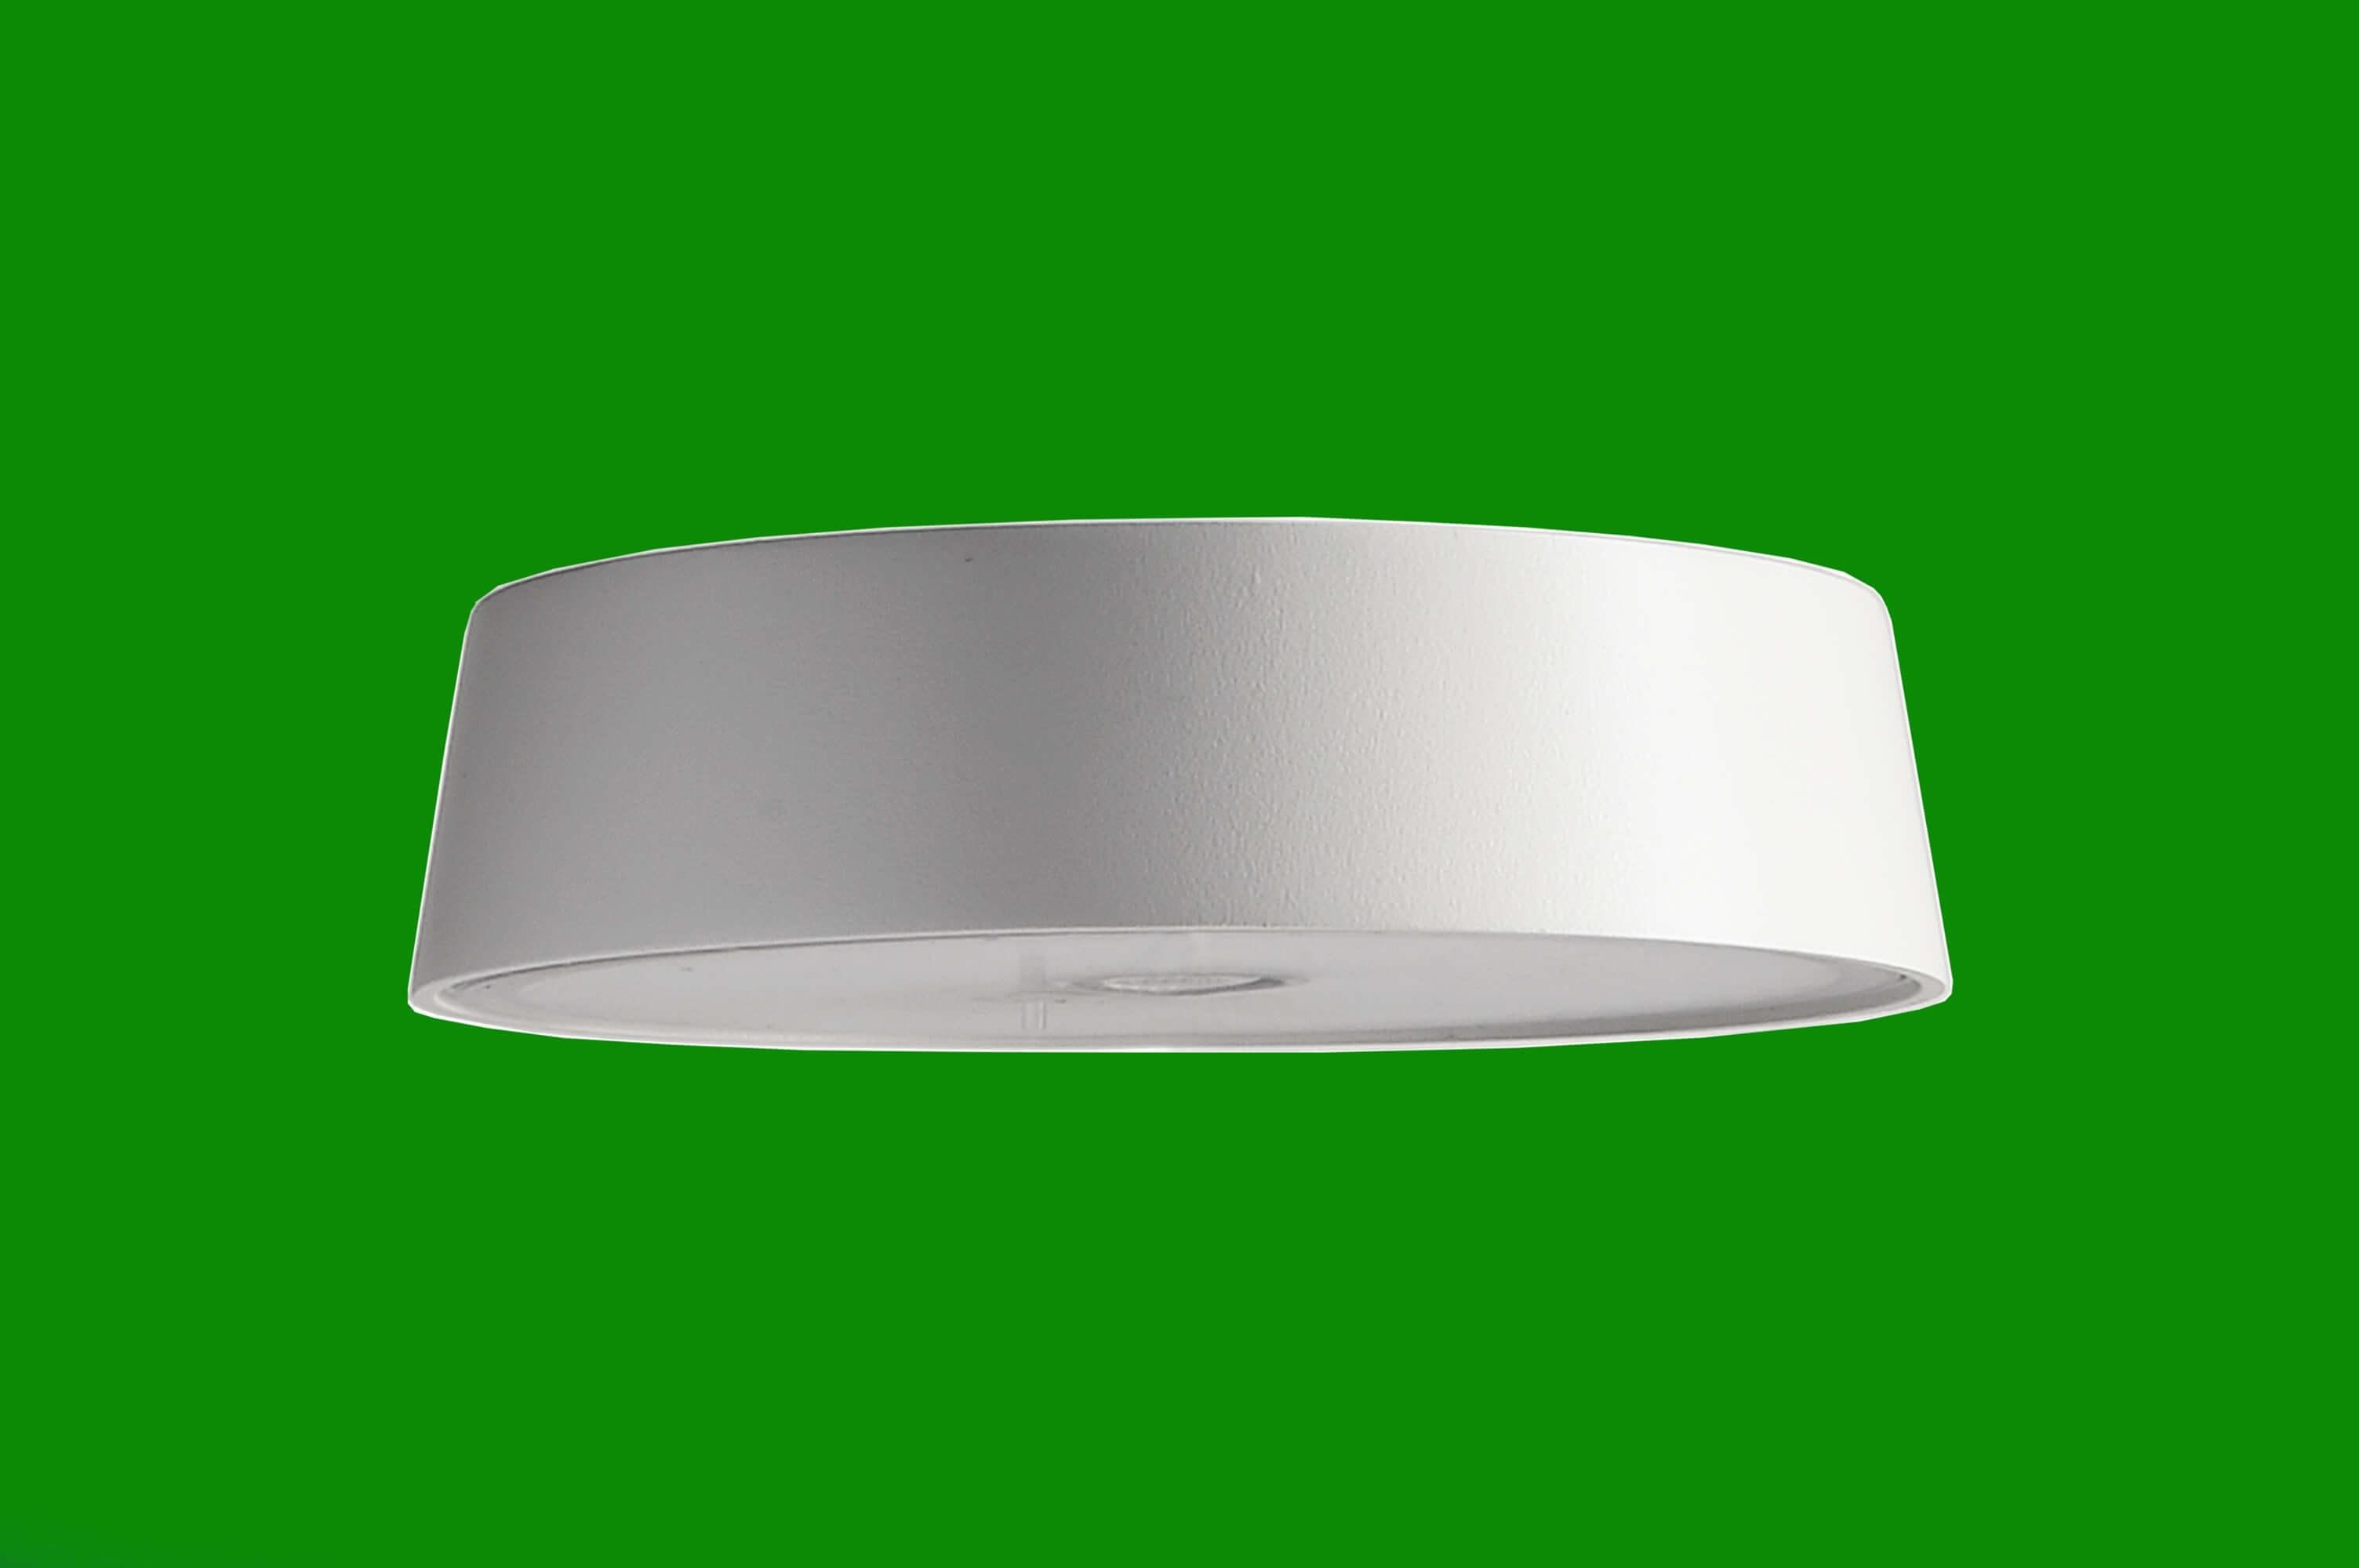 Kopf Magnetleuchte Miram Grün